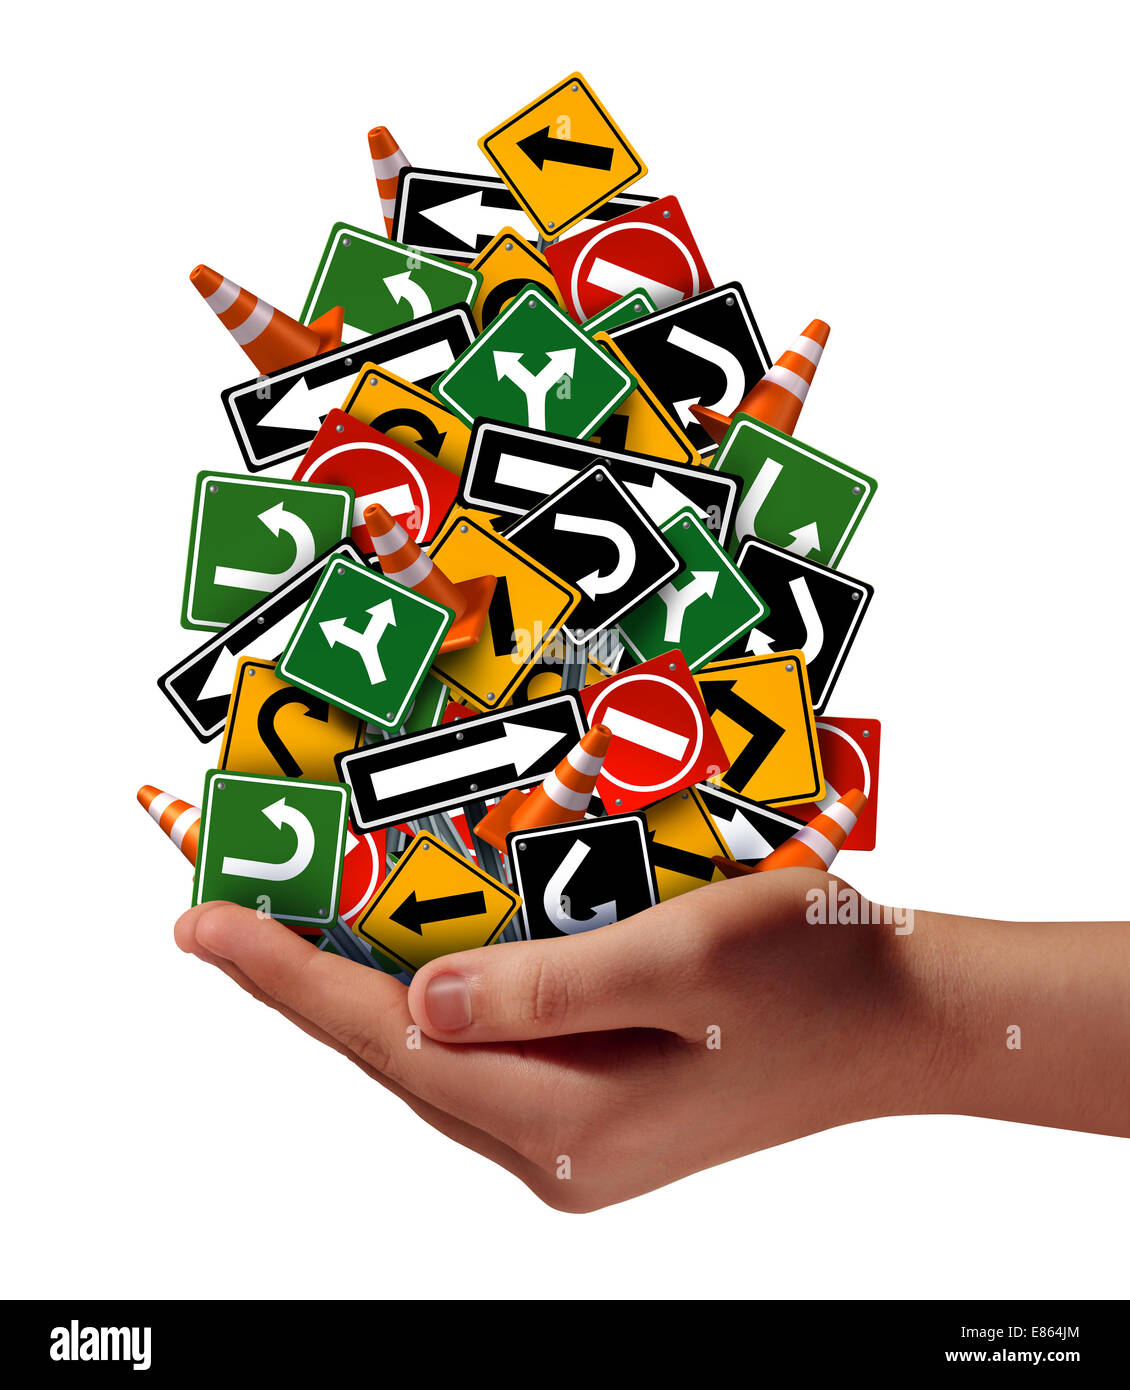 El asesoramiento ayuda soporte concepto como una mano sosteniendo un grupo de señales de tráfico confusas Imagen De Stock